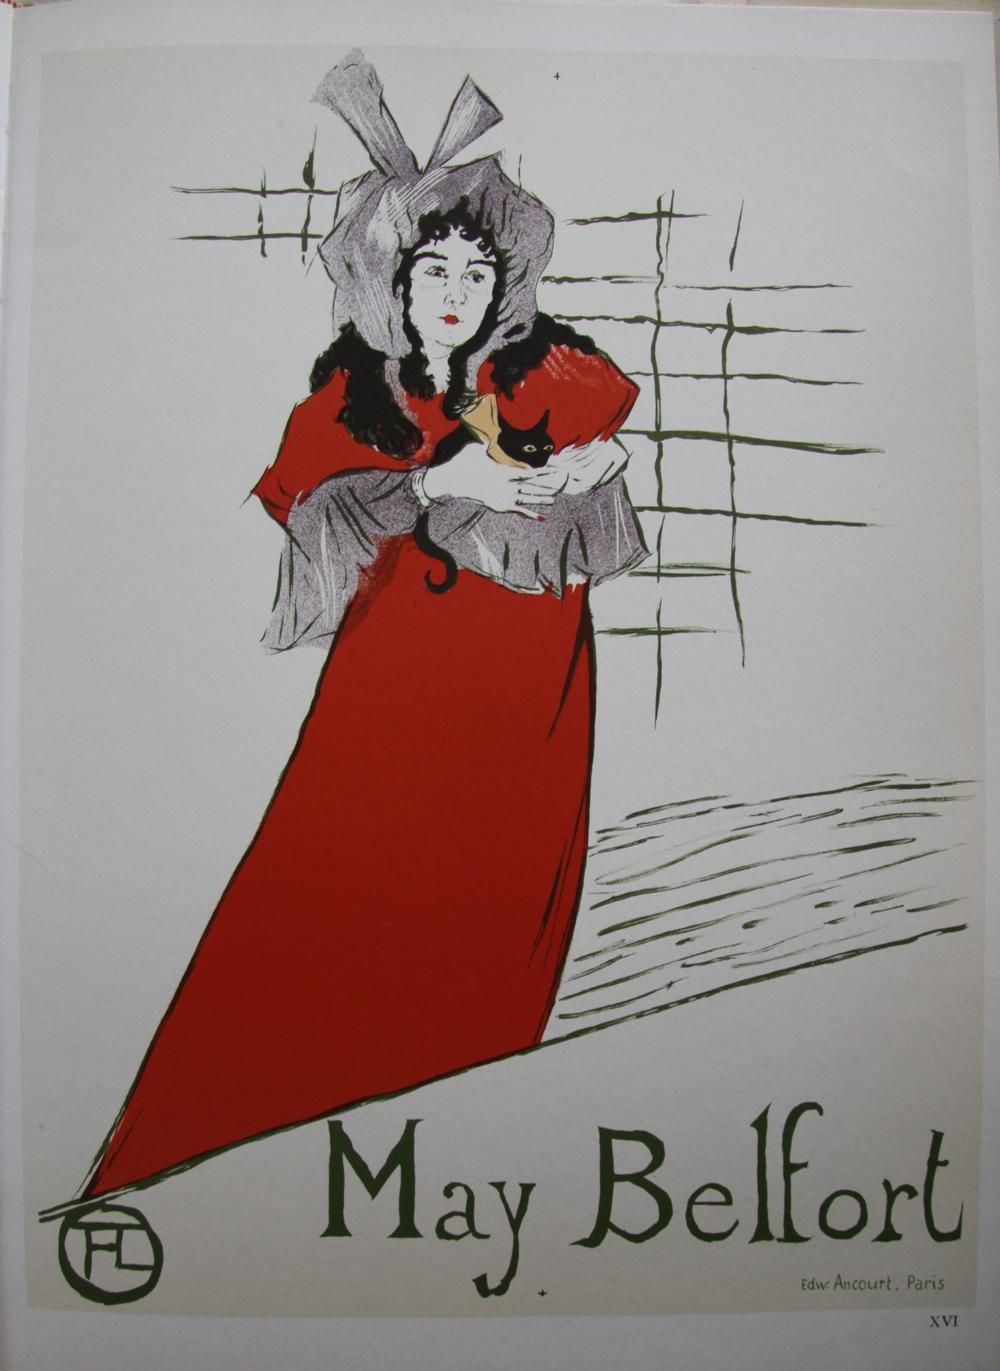 09396fb3fdd May BELFORT 1895   Lithographie originale signée de TOULOUSE LAUTREC Henri  de